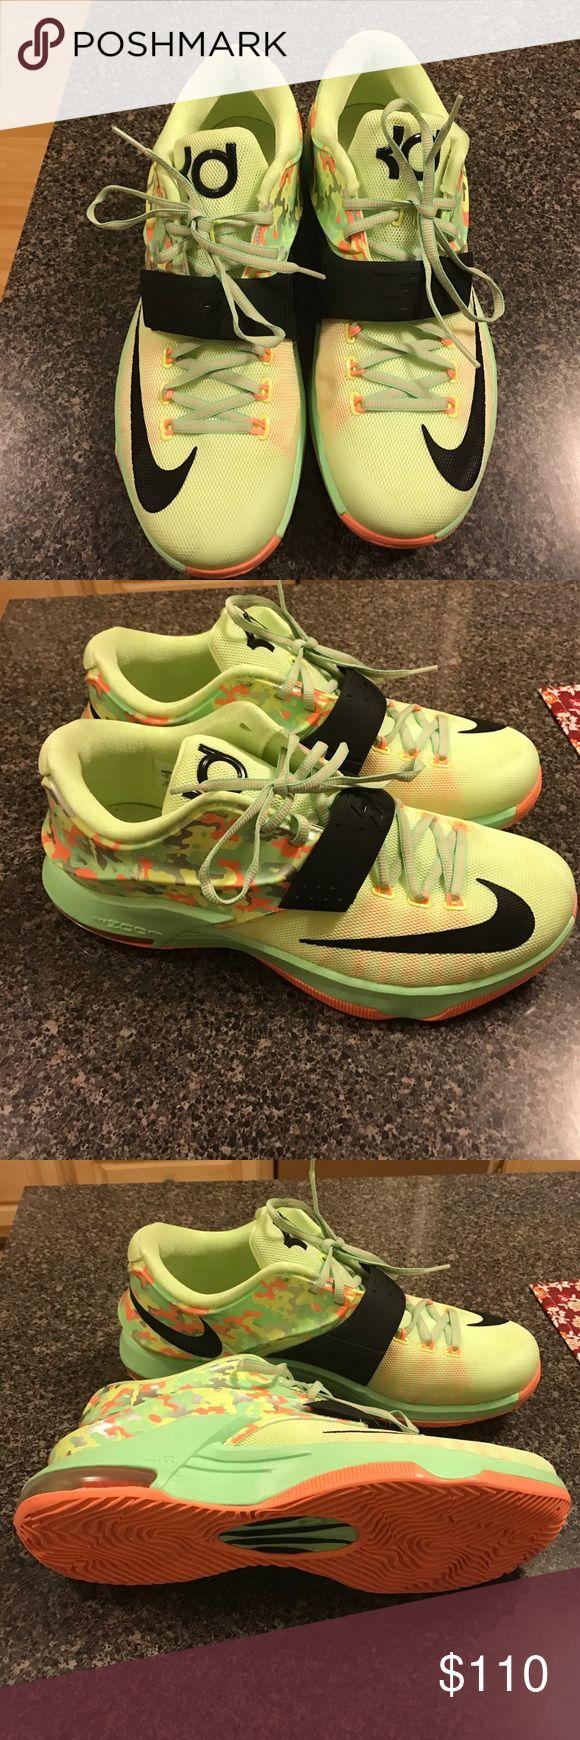 Nwot Nike KD shoes Nwot Nike KD shoes Nike Shoes Sneakers